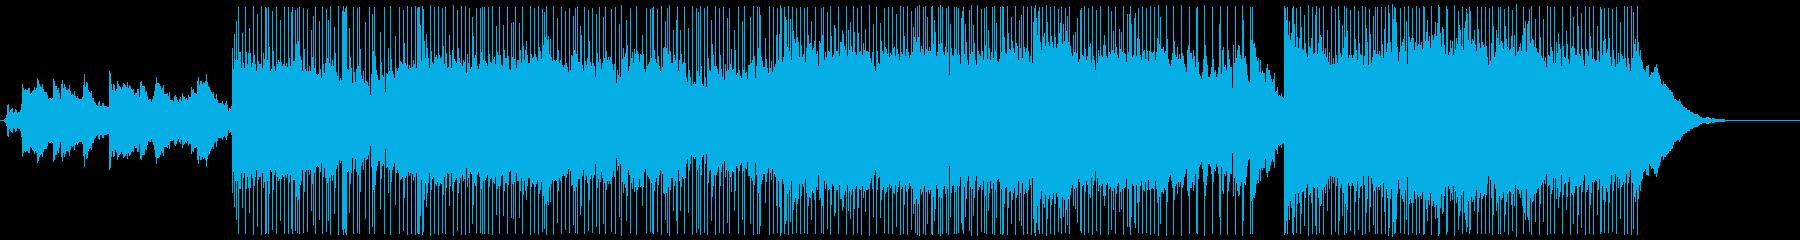 ポップなロックアメリカンインストゥ...の再生済みの波形